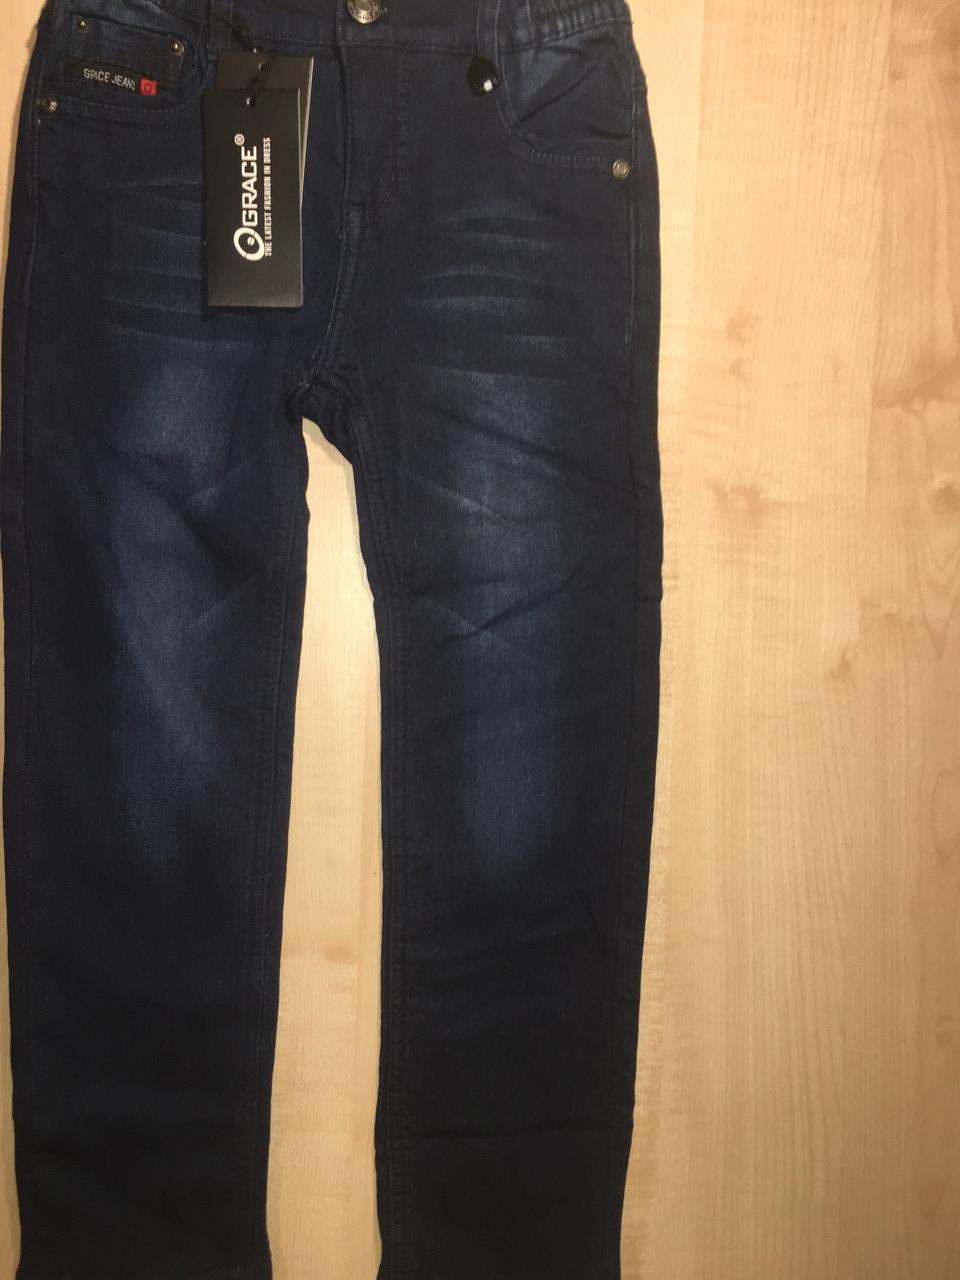 Утепленные джинсы на мальчика GRACE, B82682, Венгрия